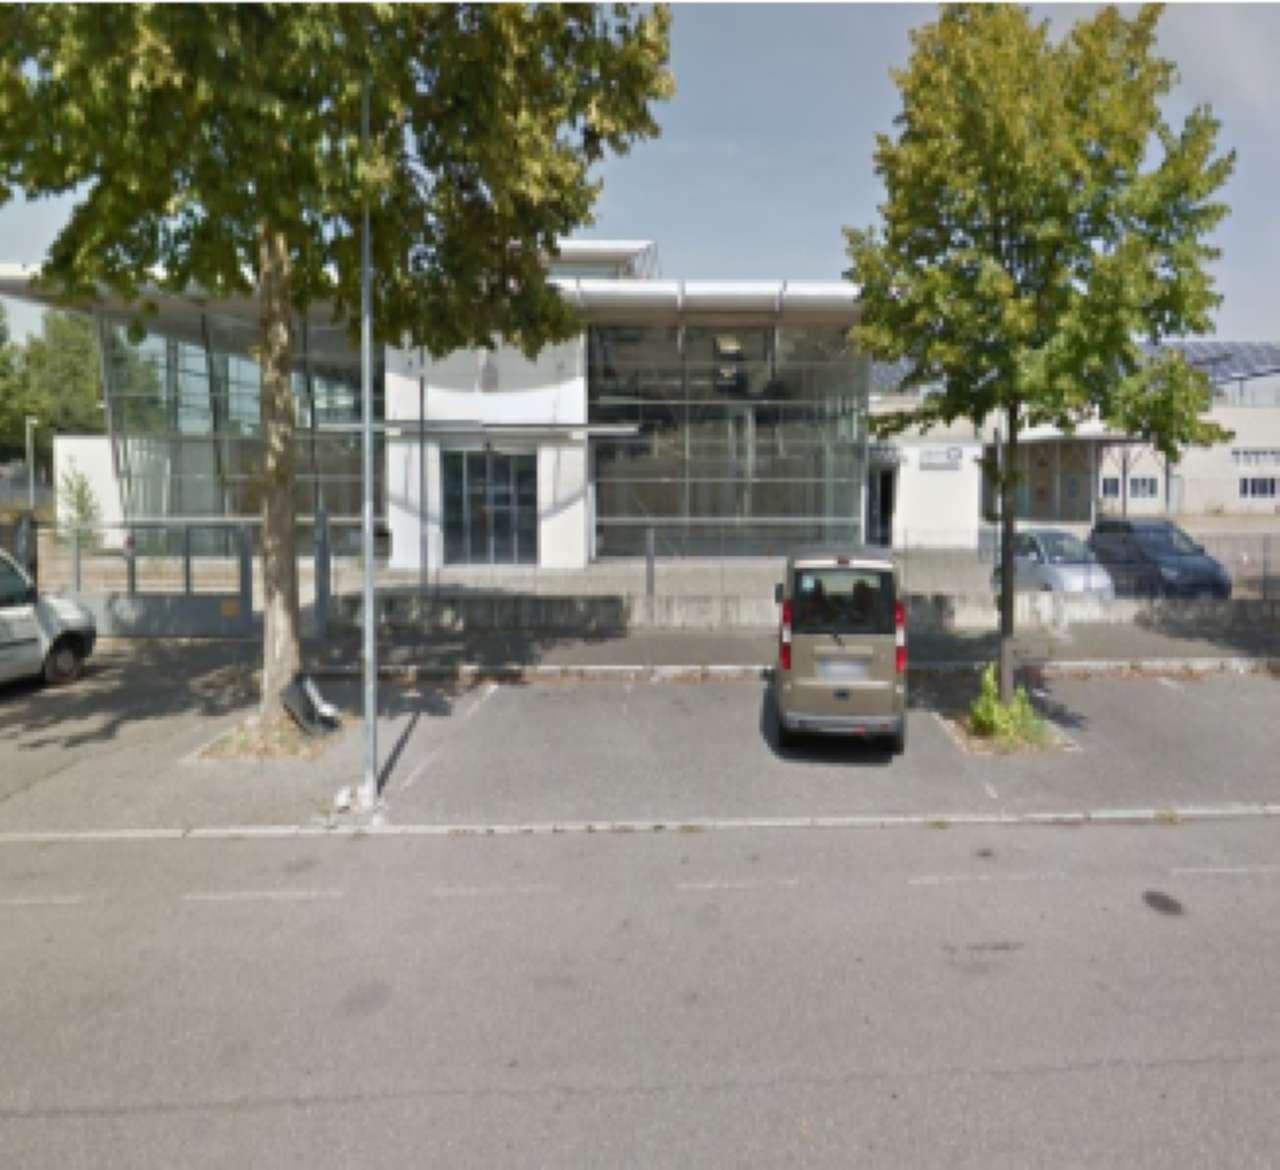 Negozio / Locale in vendita a Alessandria, 9999 locali, prezzo € 3.000.000 | PortaleAgenzieImmobiliari.it